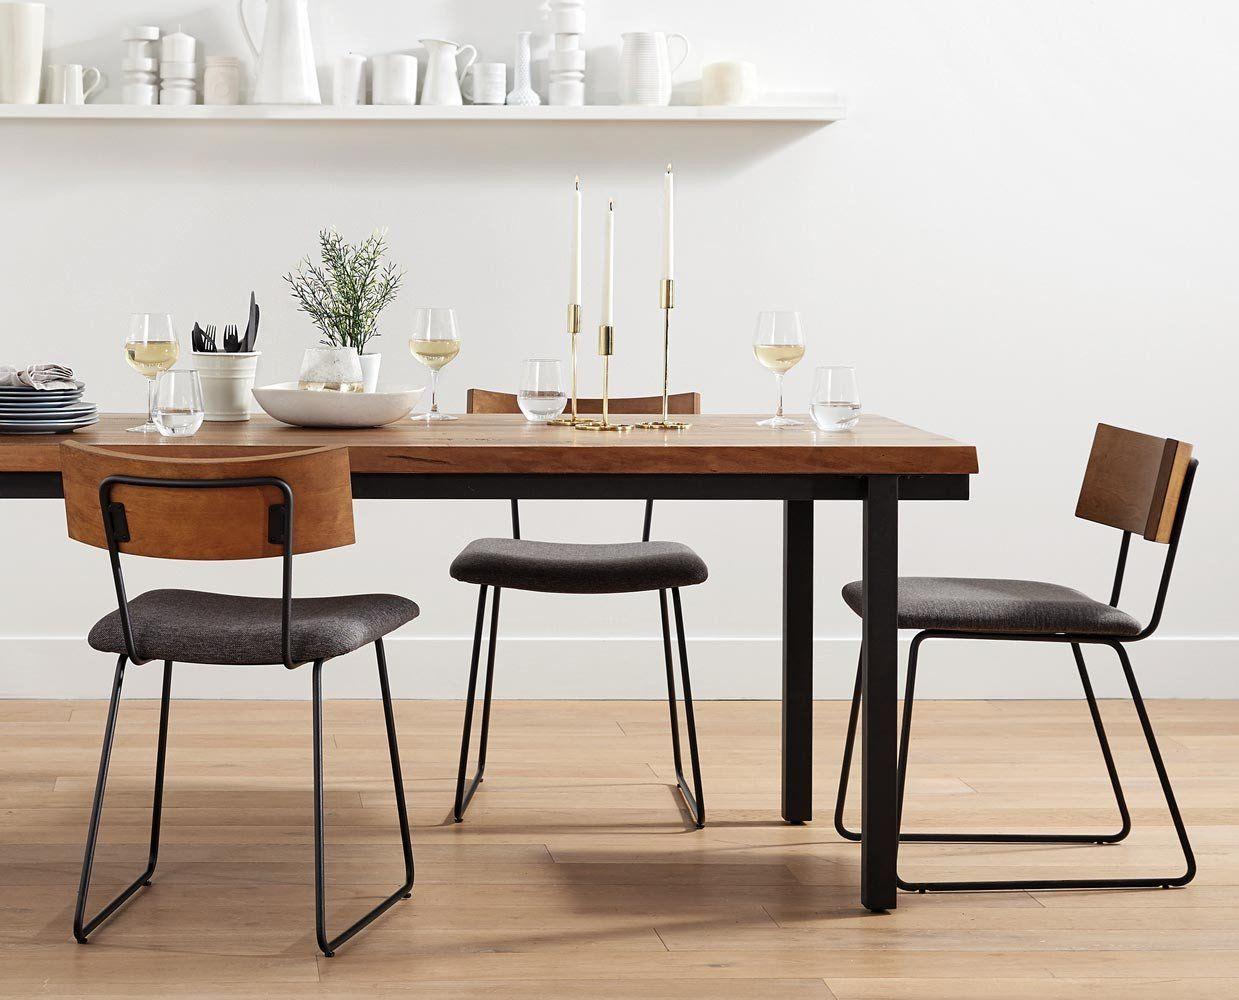 Karsten Dining Chair Dining Room Industrial Minimalist Dining Room Rustic Industrial Dining Chair